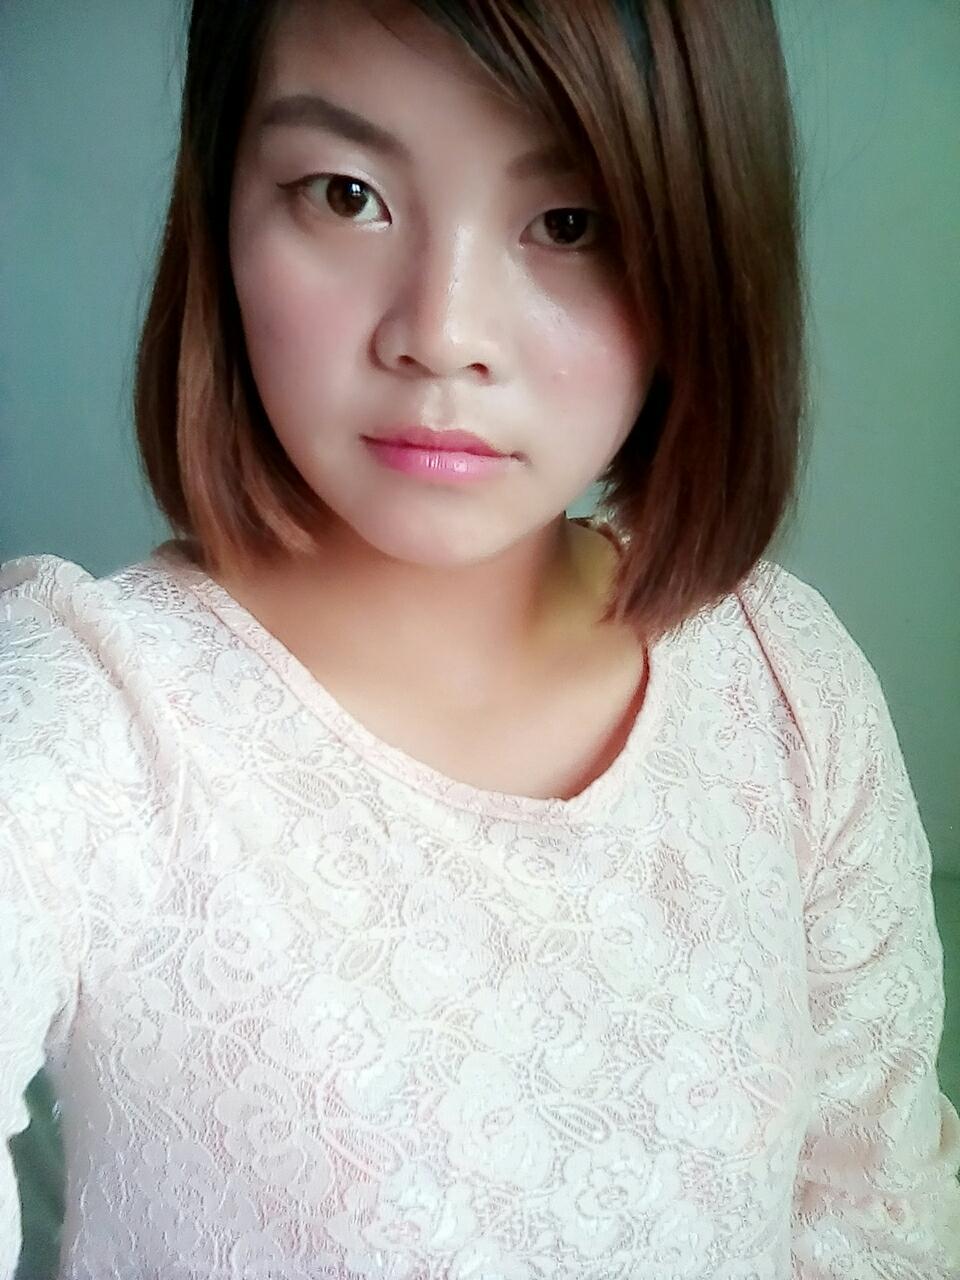 以前长头发时有留过齐刘海,现在短头发了想留空气刘海?图片